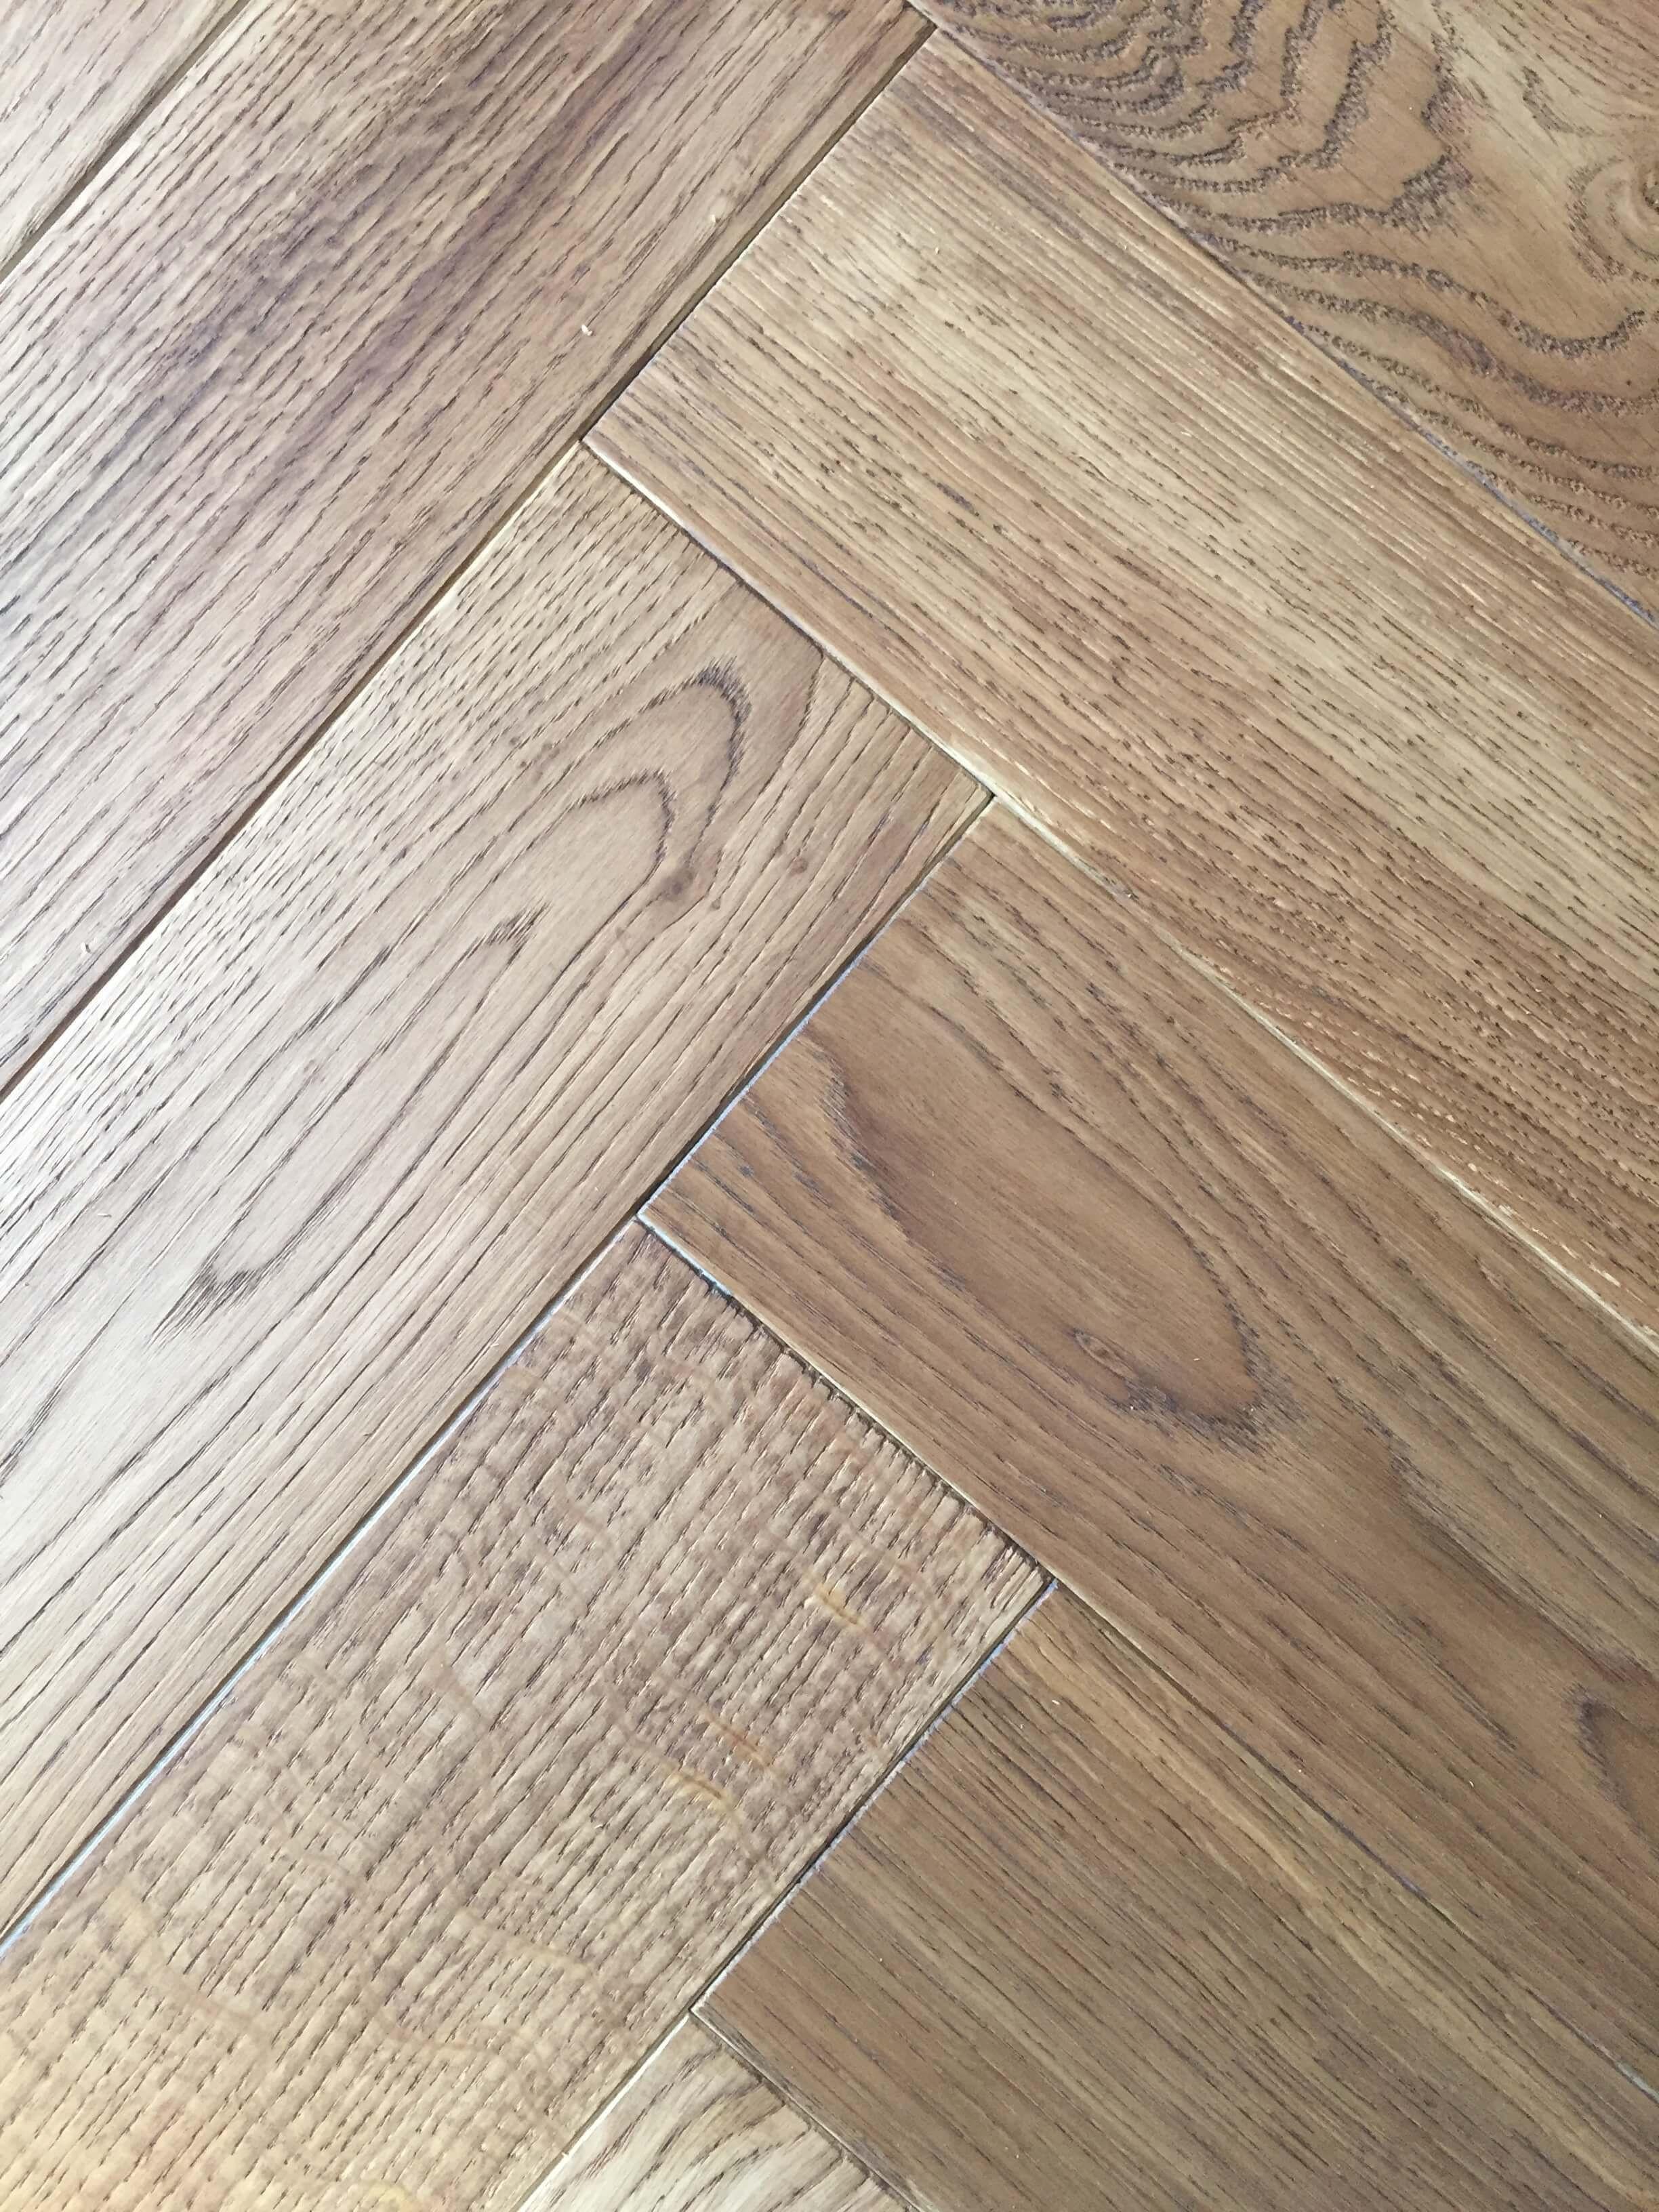 12 Nice Hardwood Floor Filler Home Depot Unique Flooring